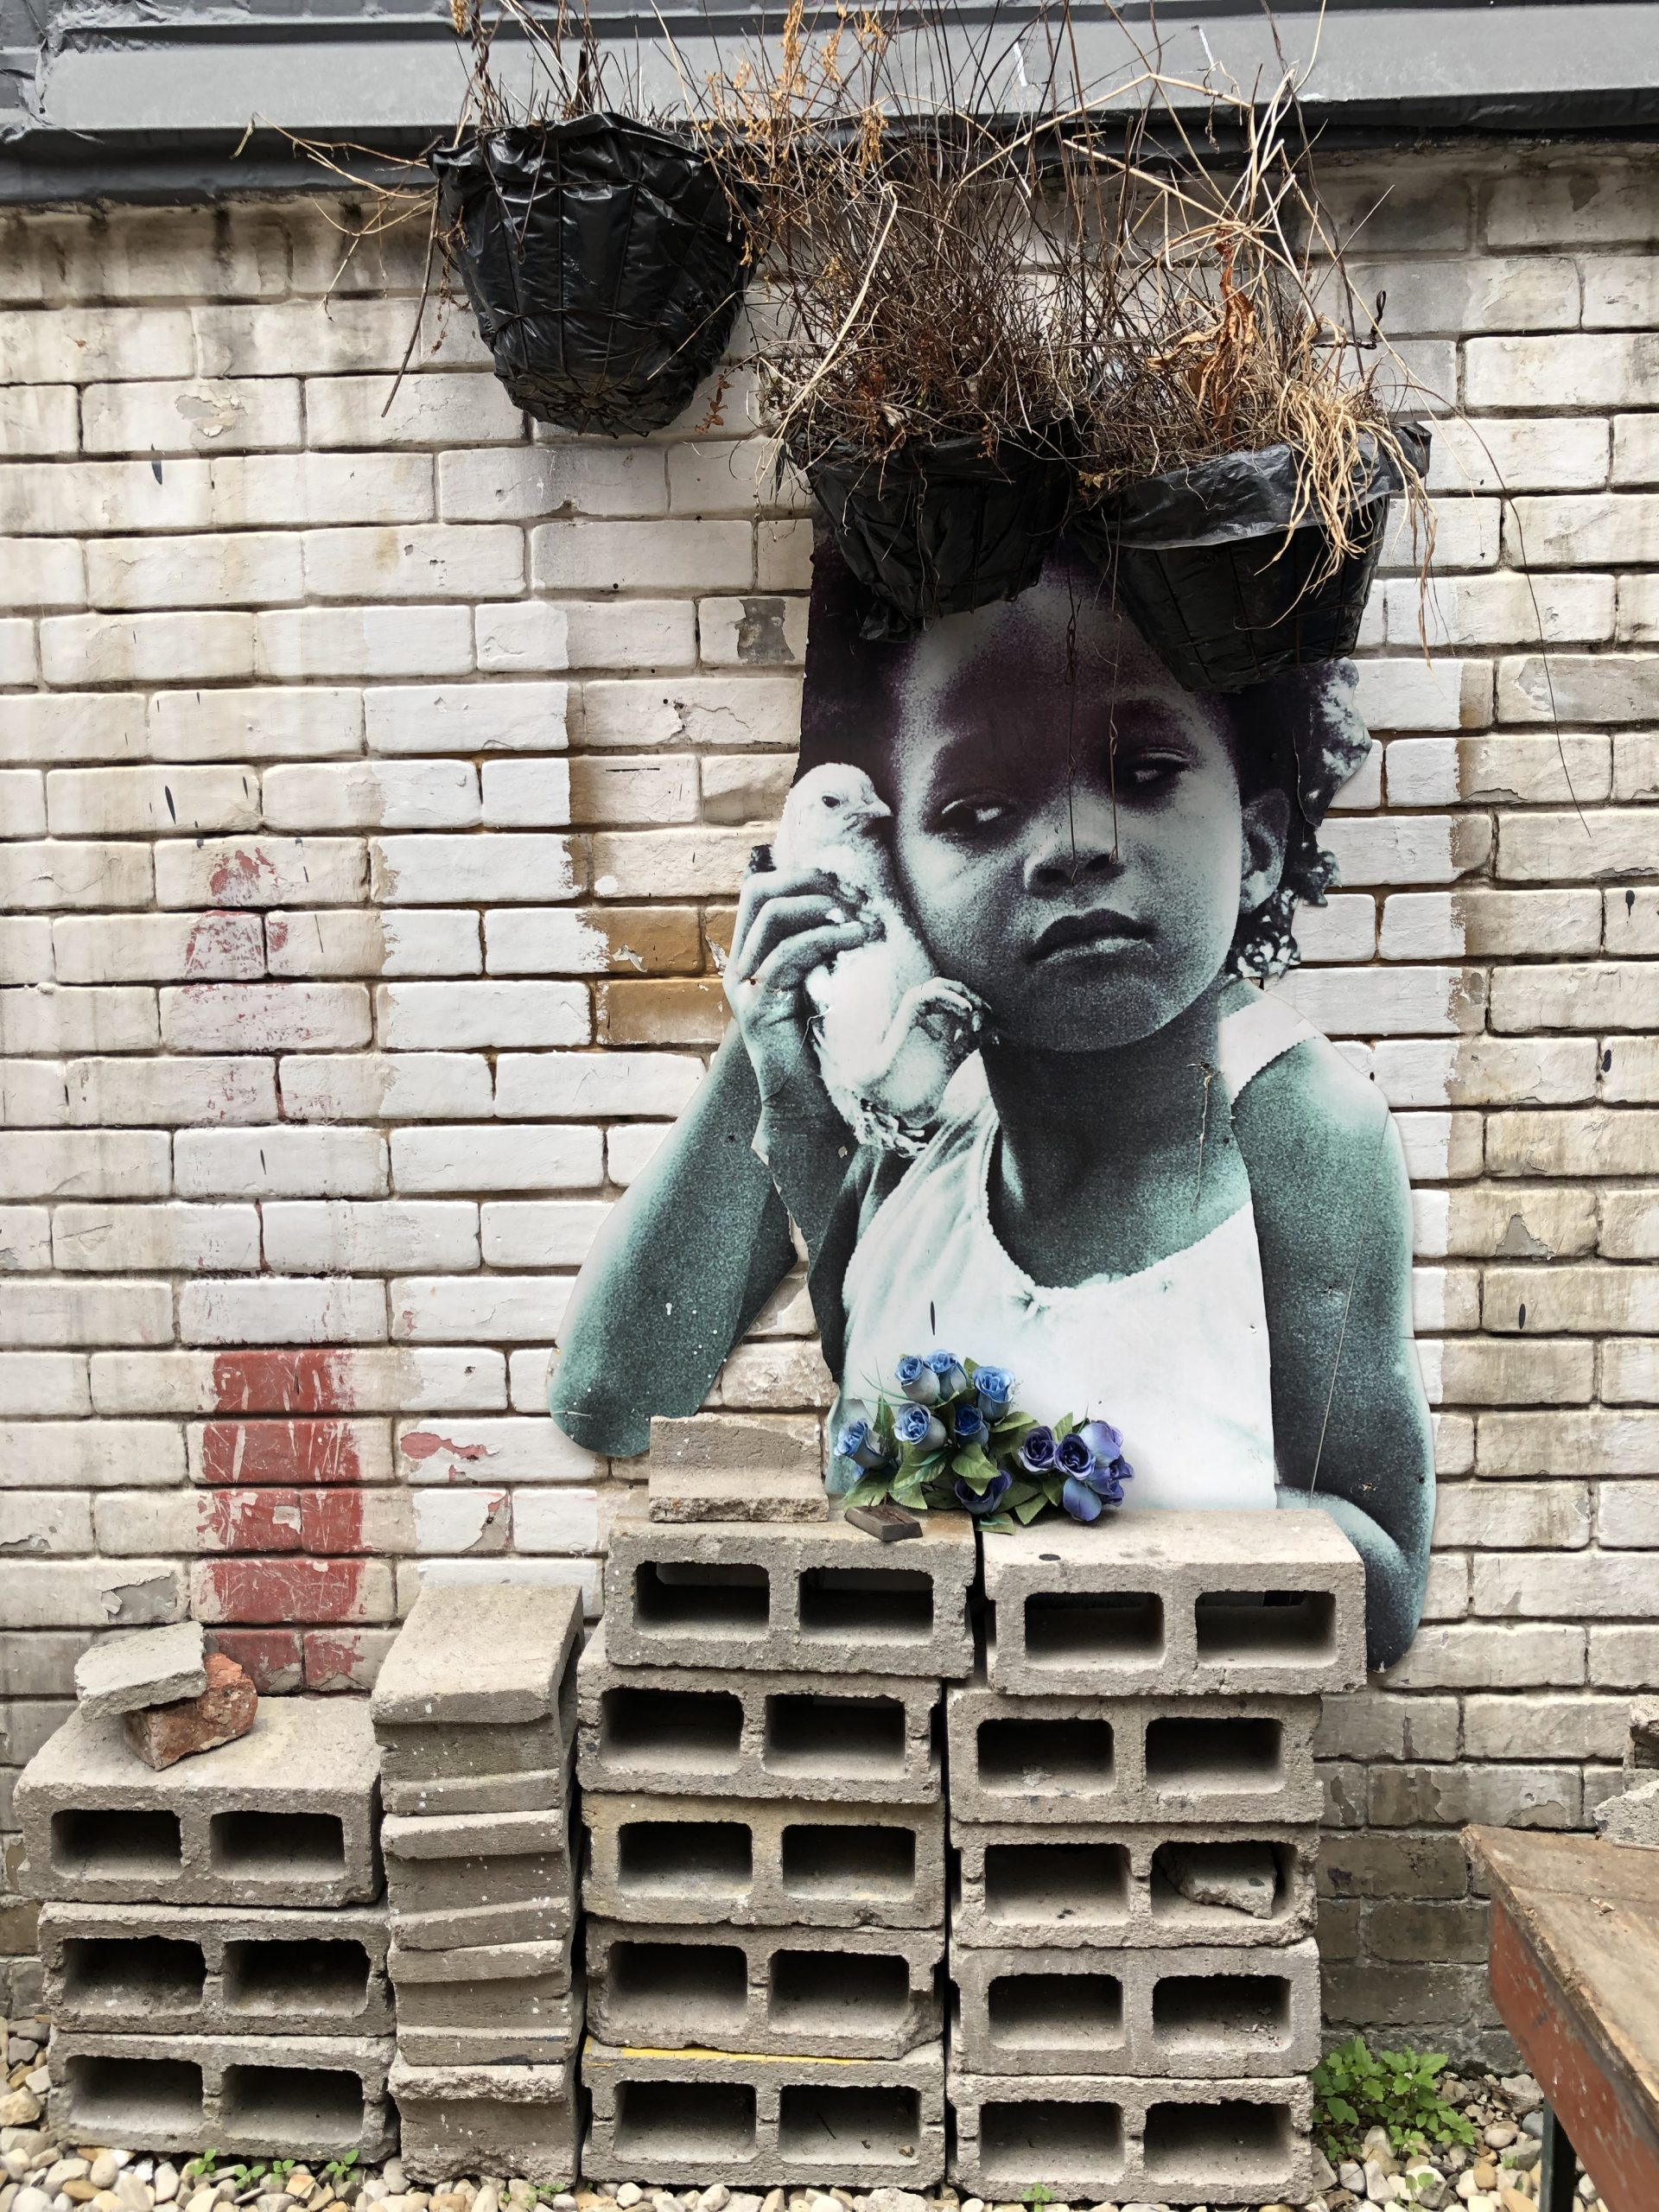 Mauer mit Kunstmalerei